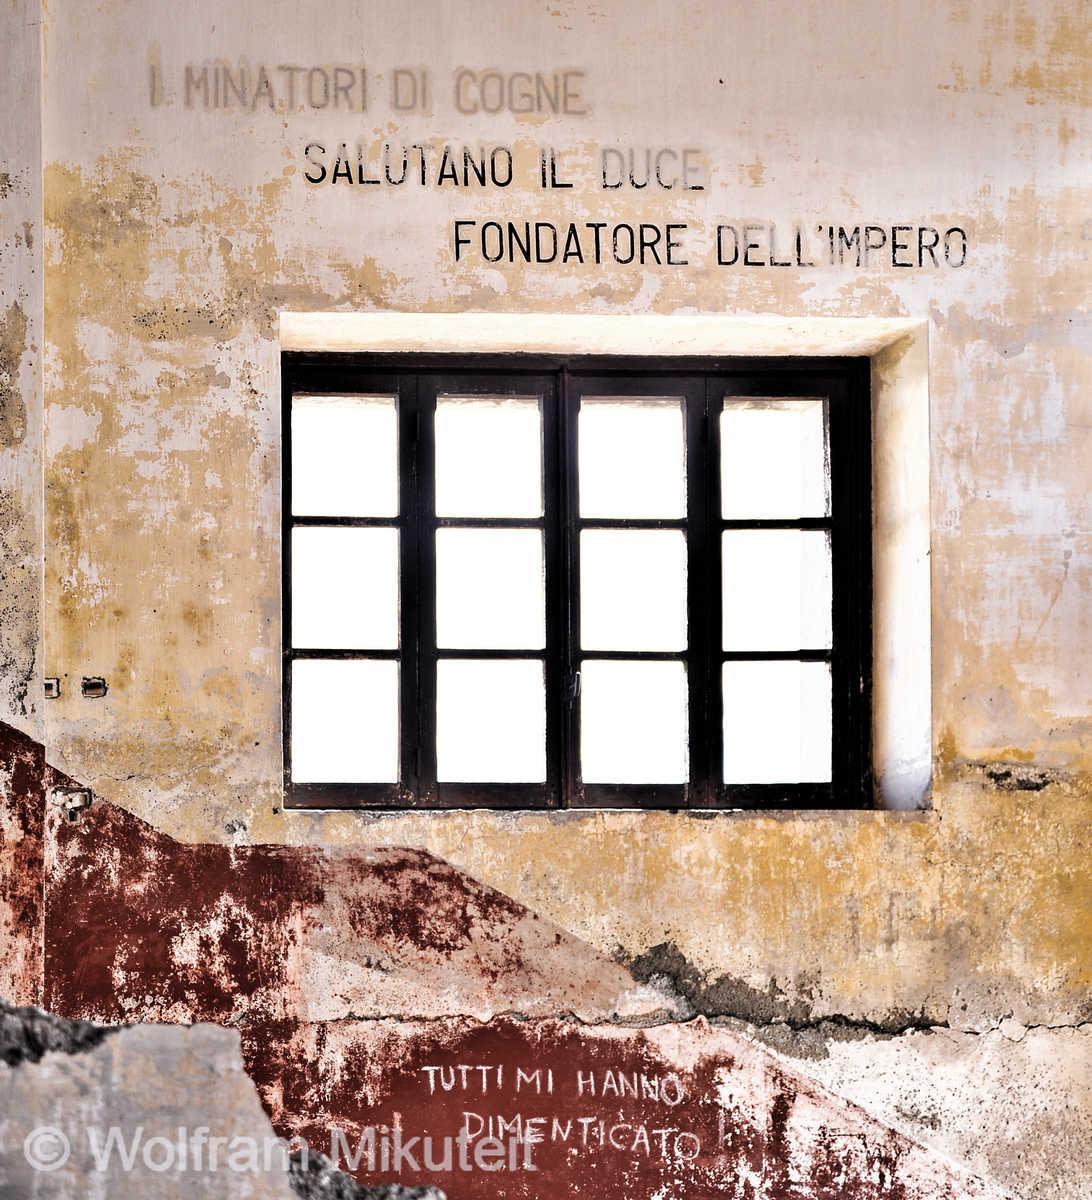 Colonna, Endstation für die von Cogne heraufführende Seilbahn - Foto: © Wolfram Mikuteit